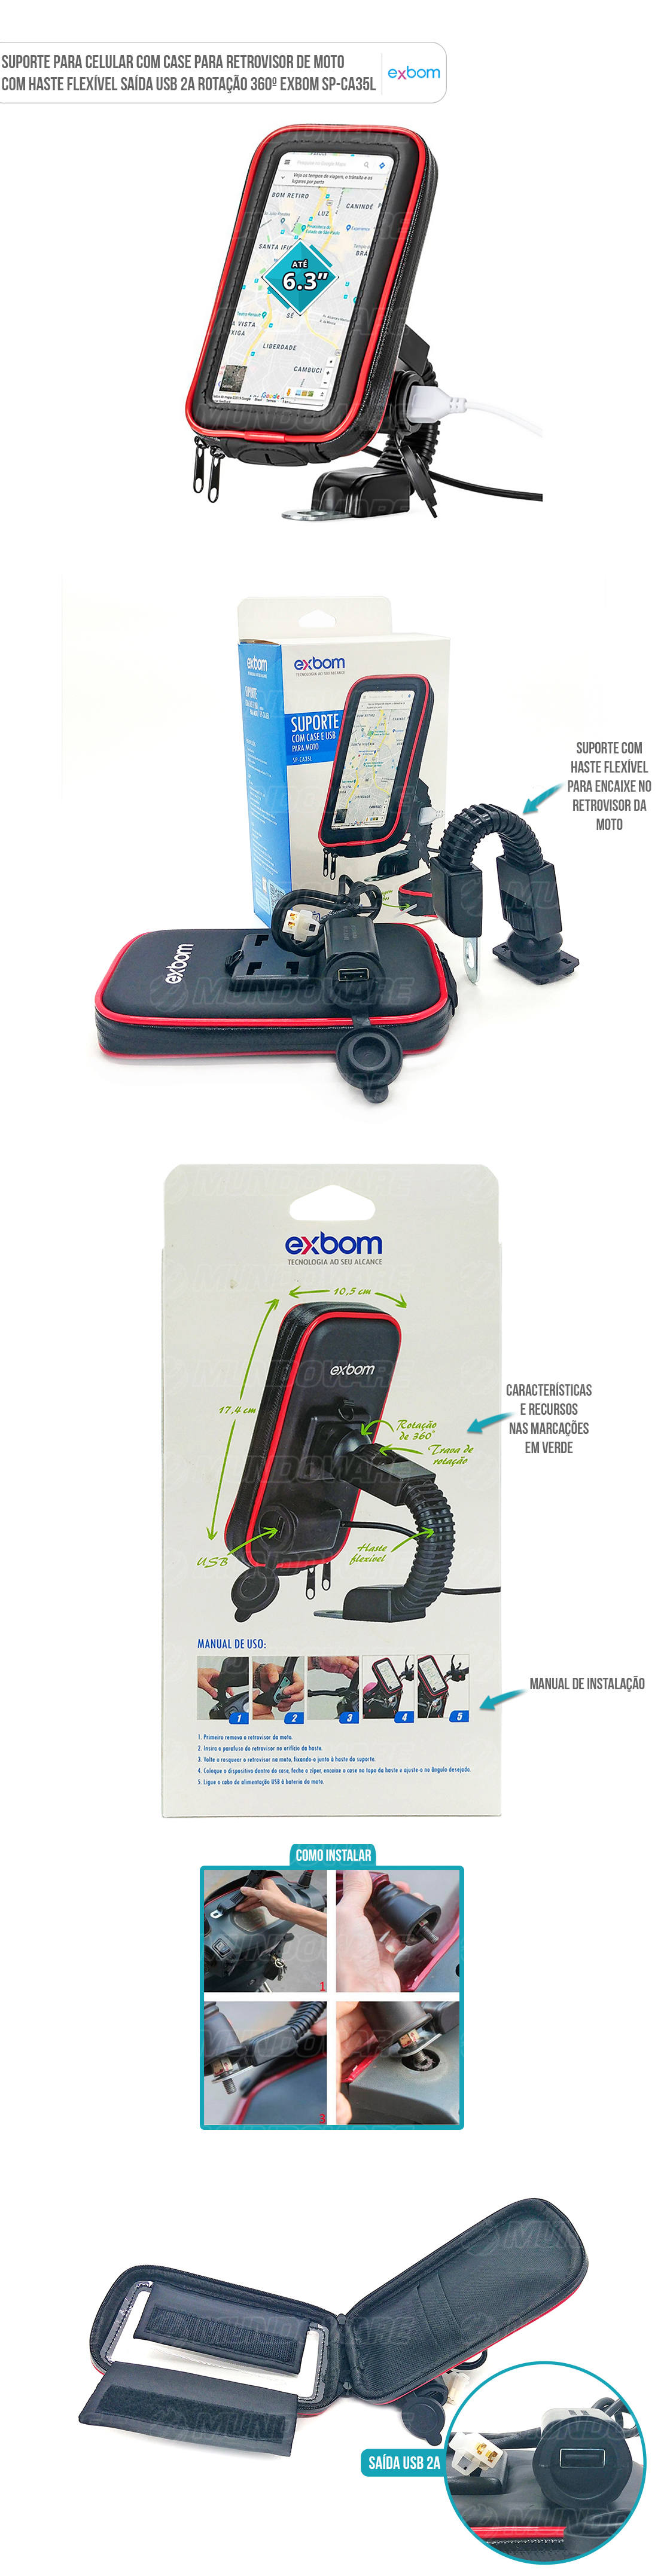 Suporte Case para Moto fixação no retrovisor para Smartphone Celular e GPS até 6.3 Polegadas com usb integrada para recarga